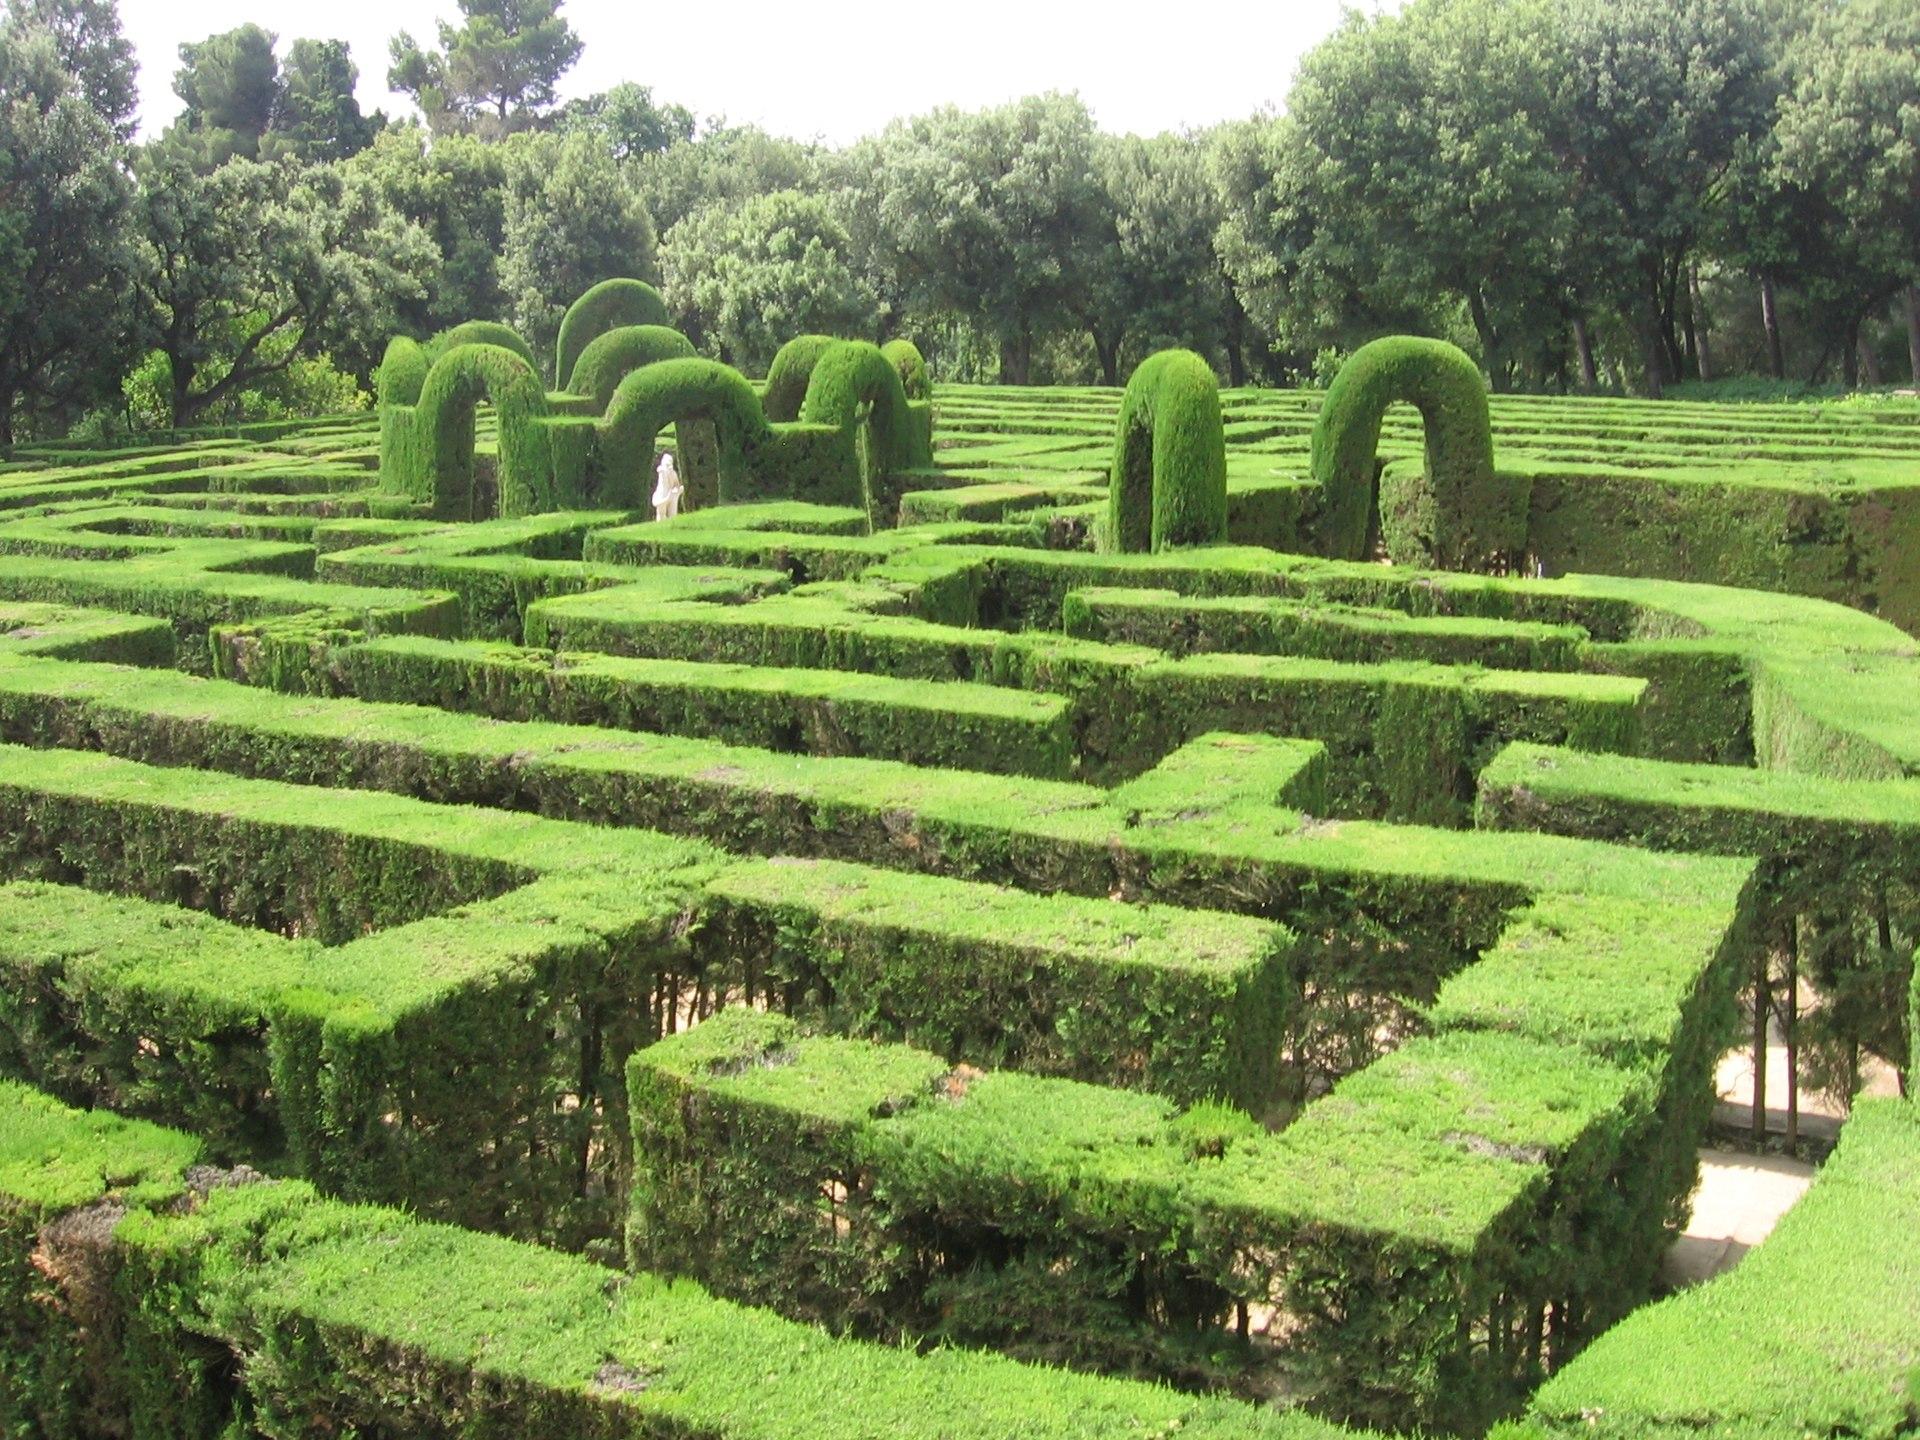 Parque del laberinto de horta wikipedia la enciclopedia for Para desarrollar un parque ajardinado